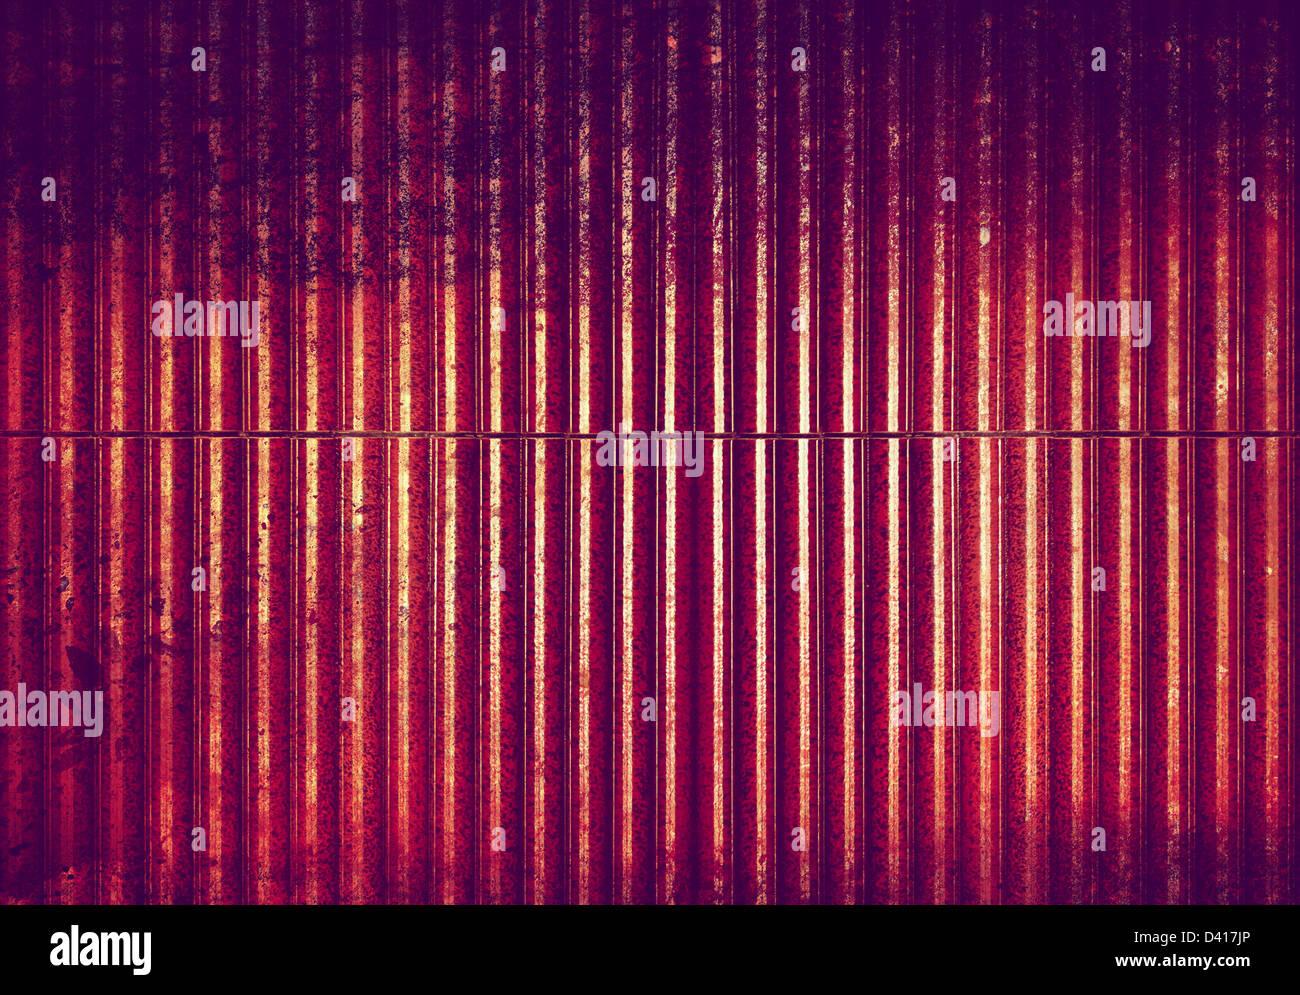 Arte abstracto texturado Imagen De Stock